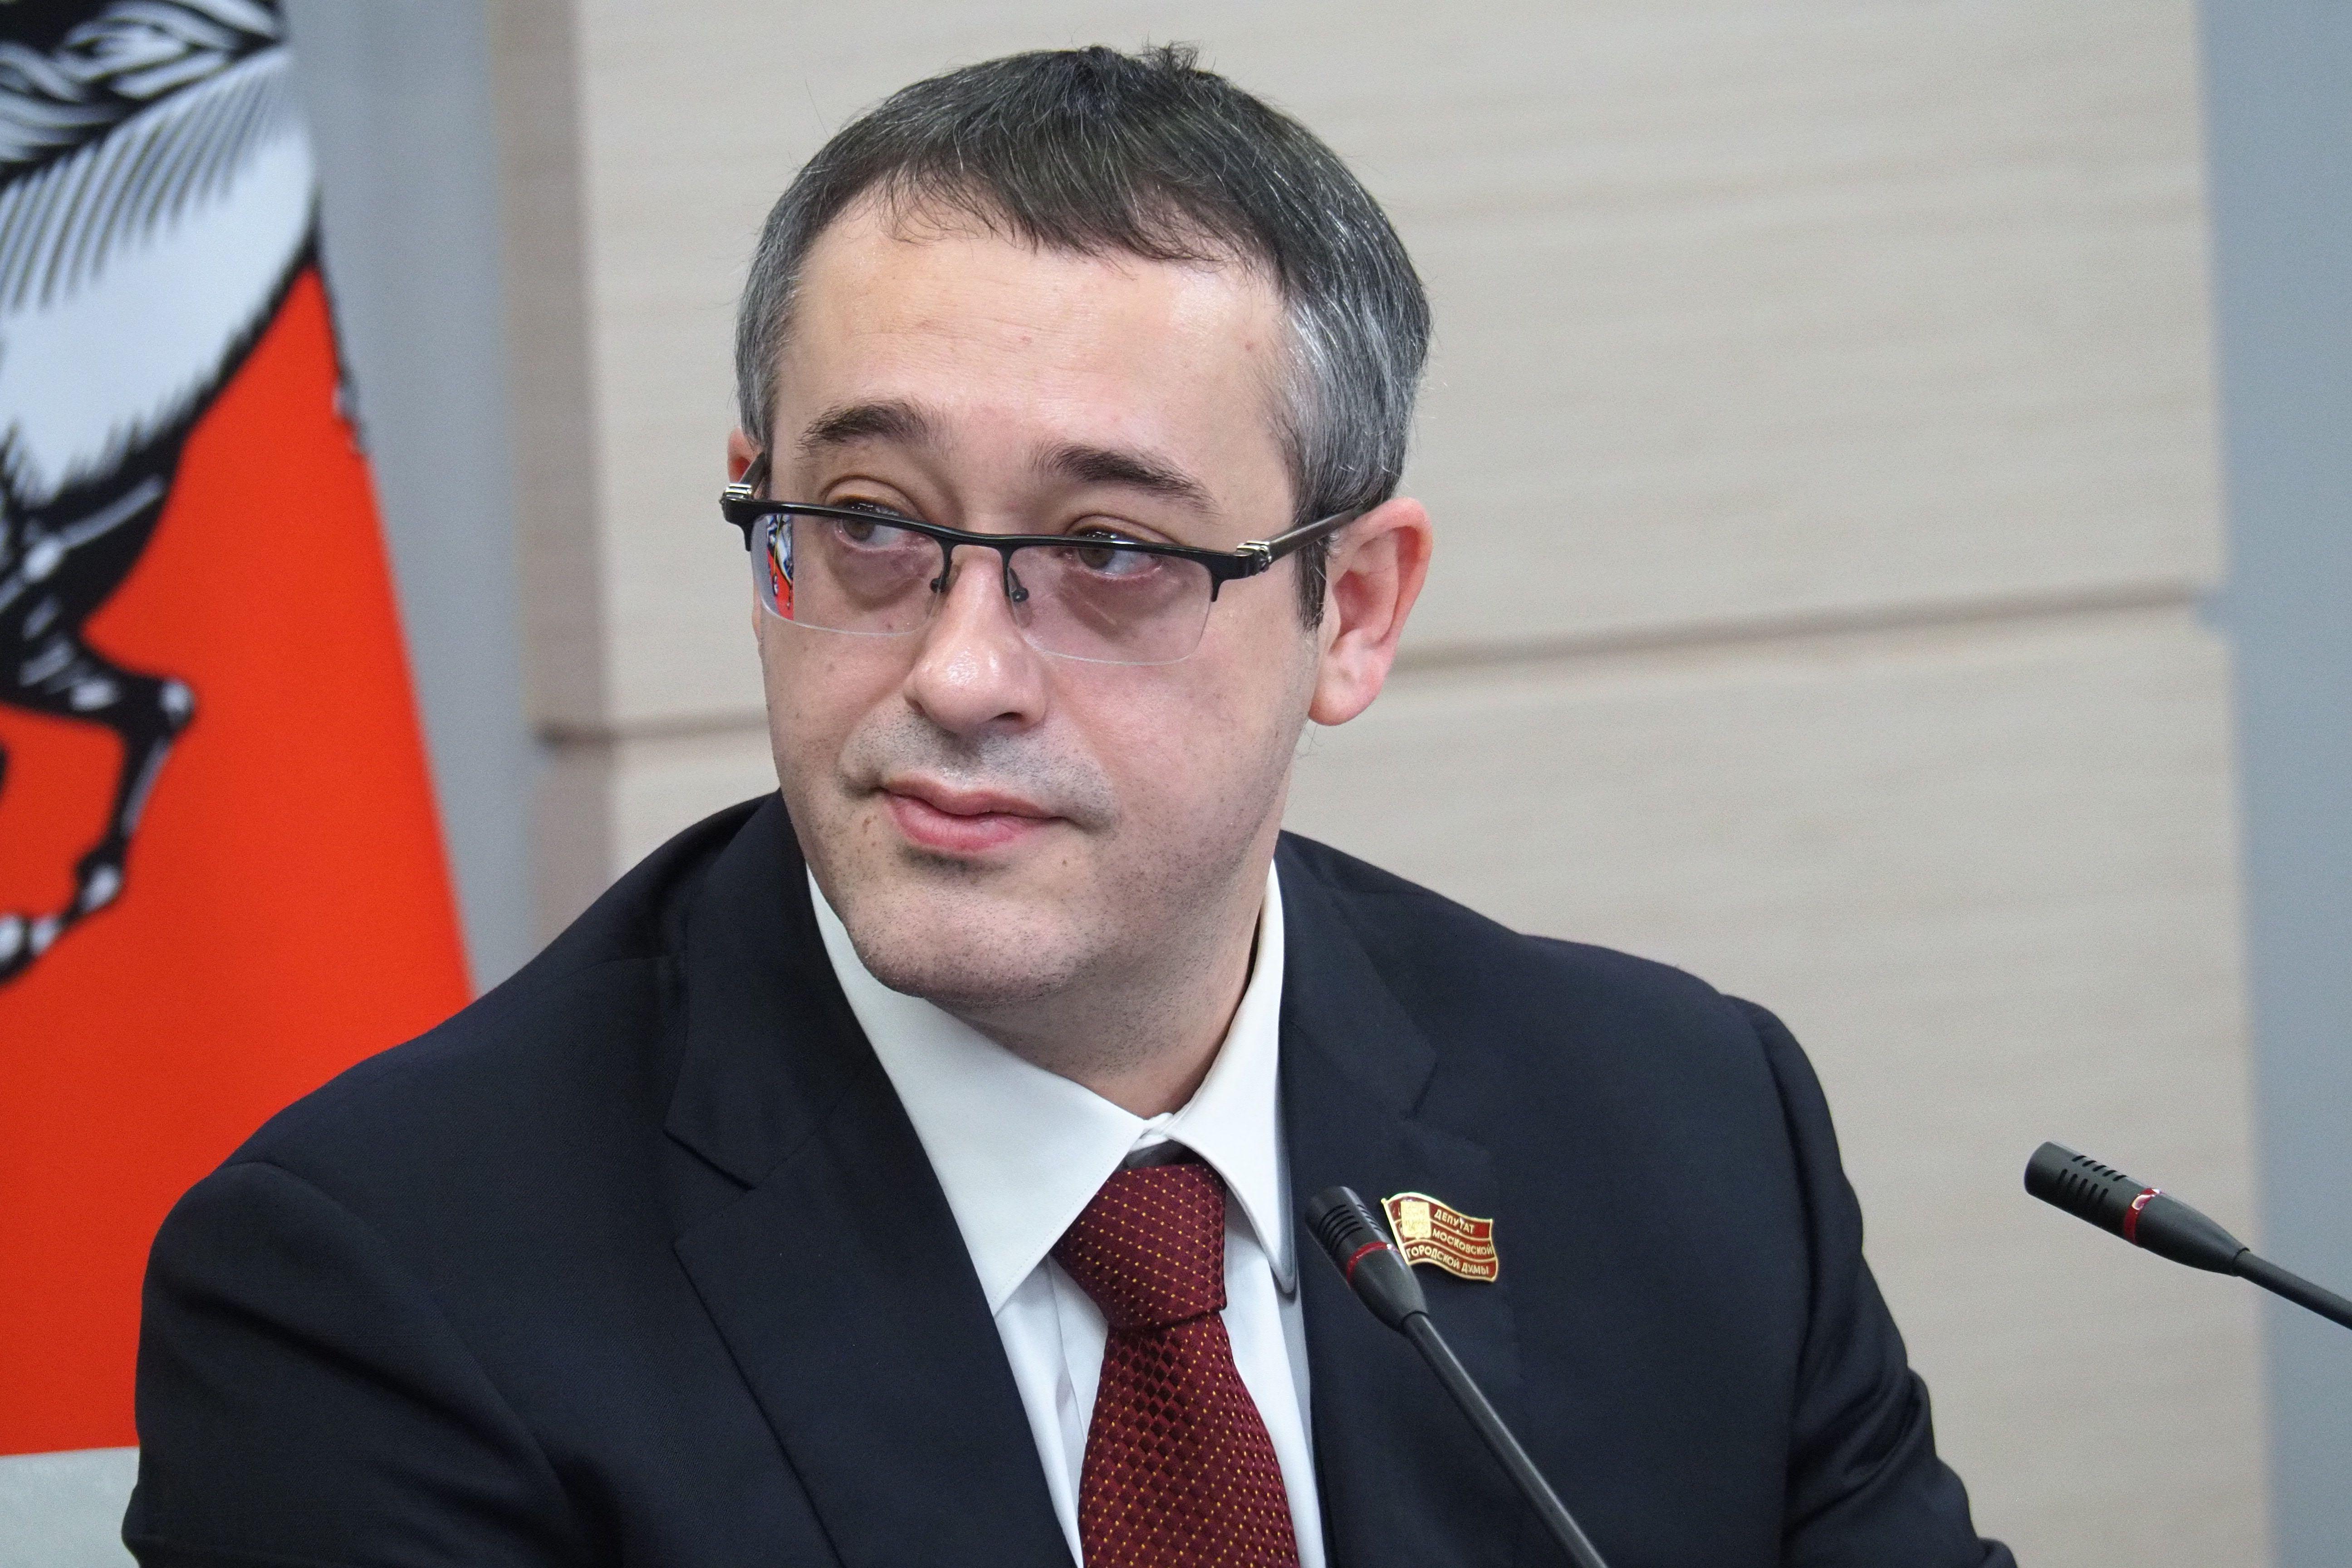 Шапошников отметил технически безупречное проведение дистанционного заседания Мосгордумы